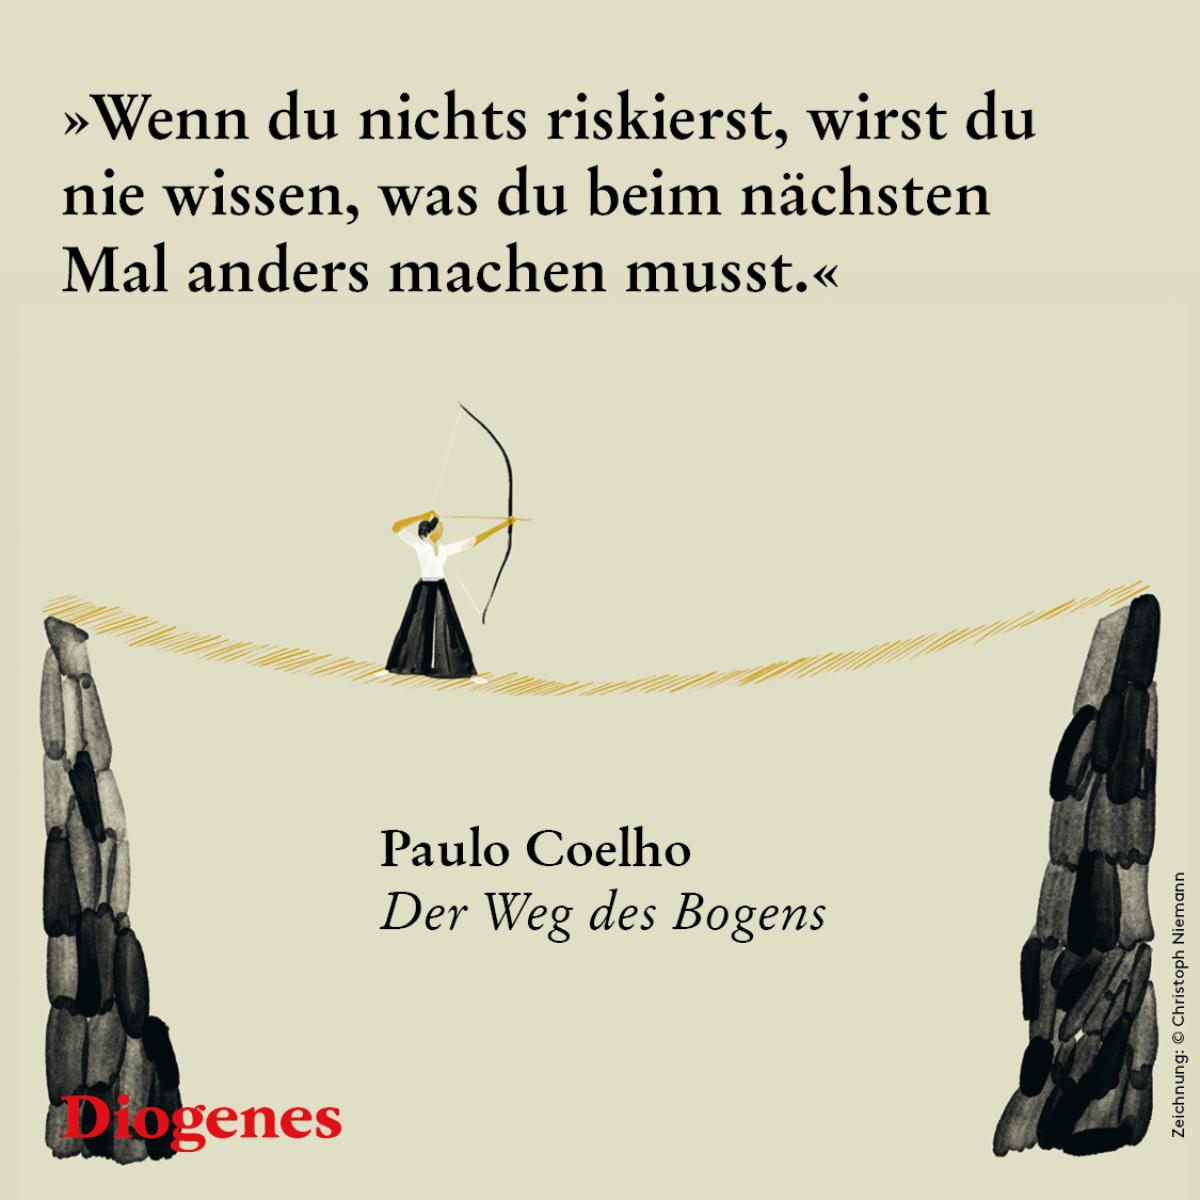 Paulo Coelho: Der Weg des Bogens